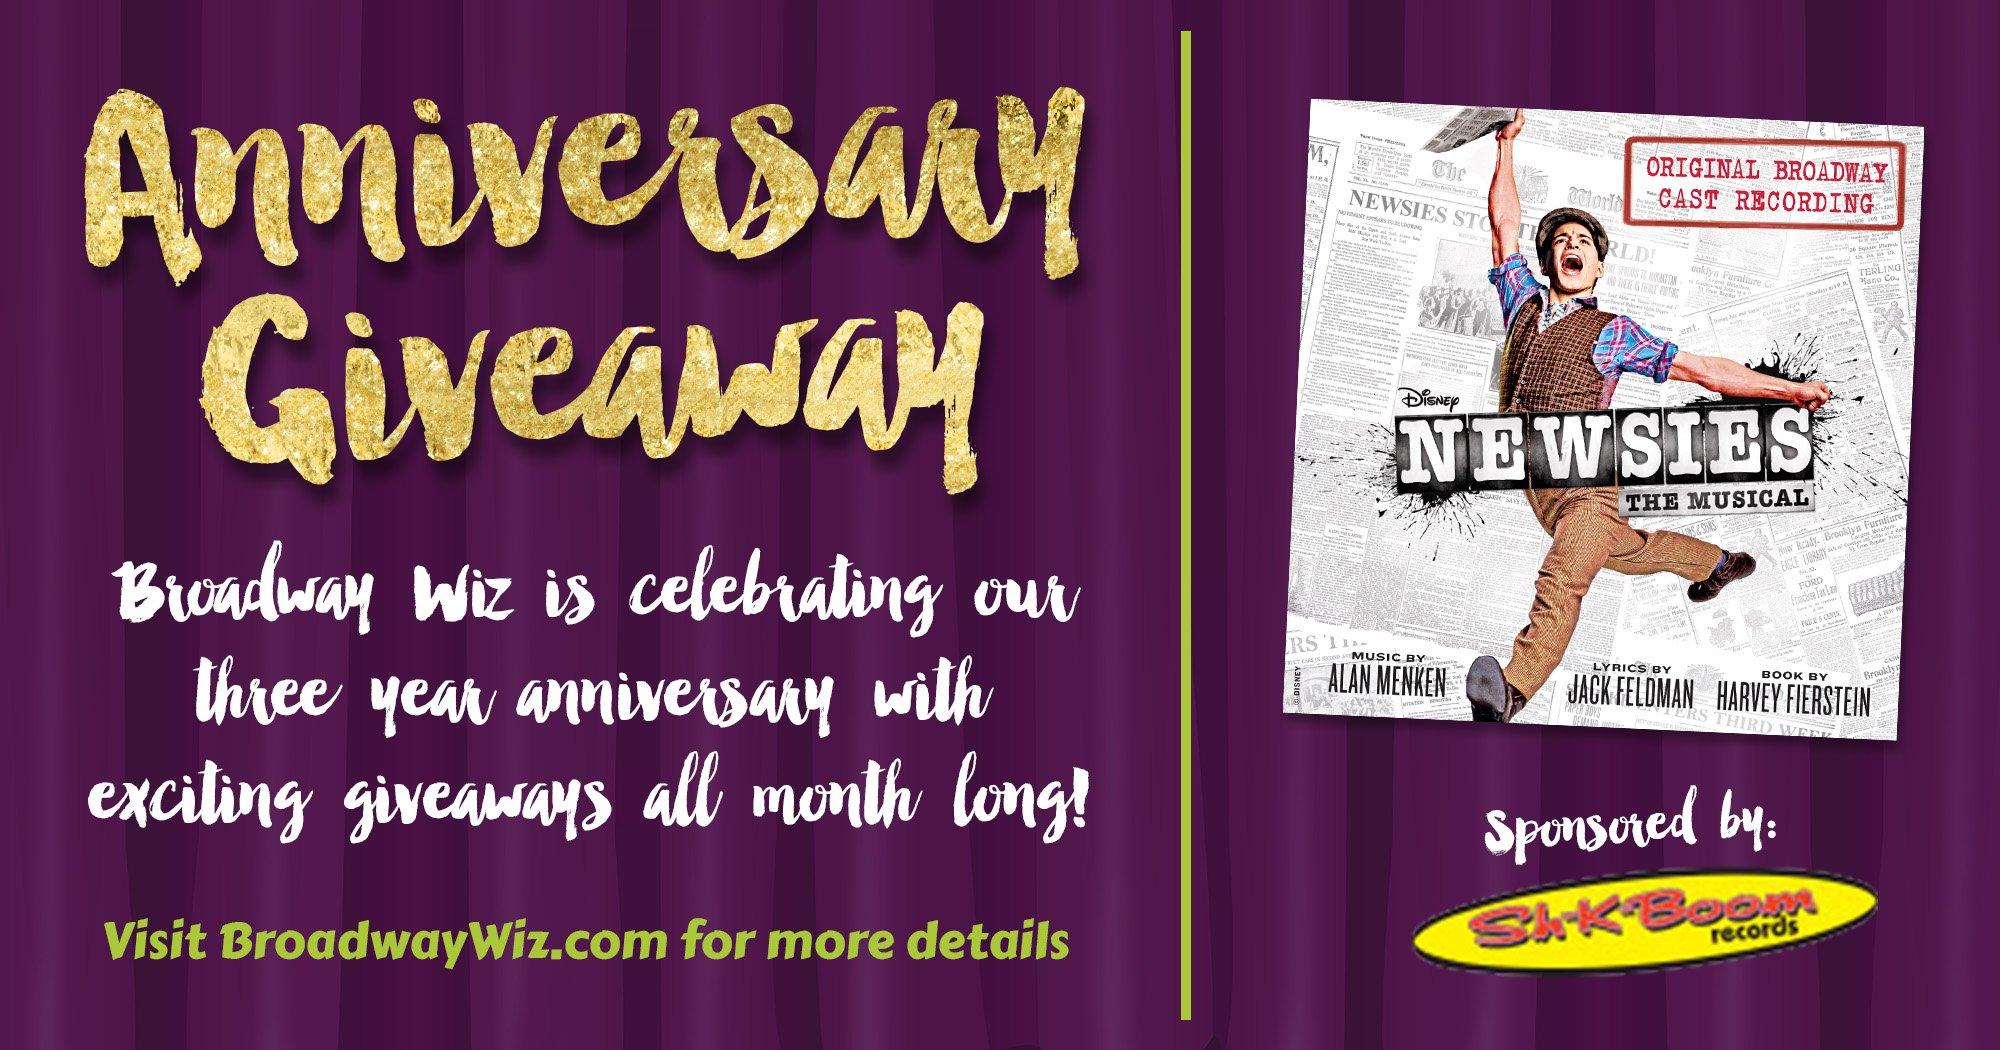 Newsies CD Giveaway